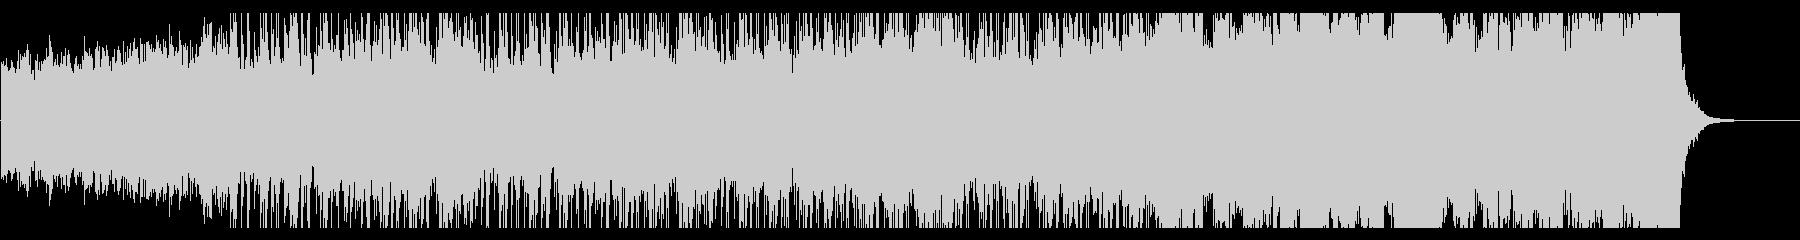 ピアノ_壮大/ドラマチック_トラックの未再生の波形